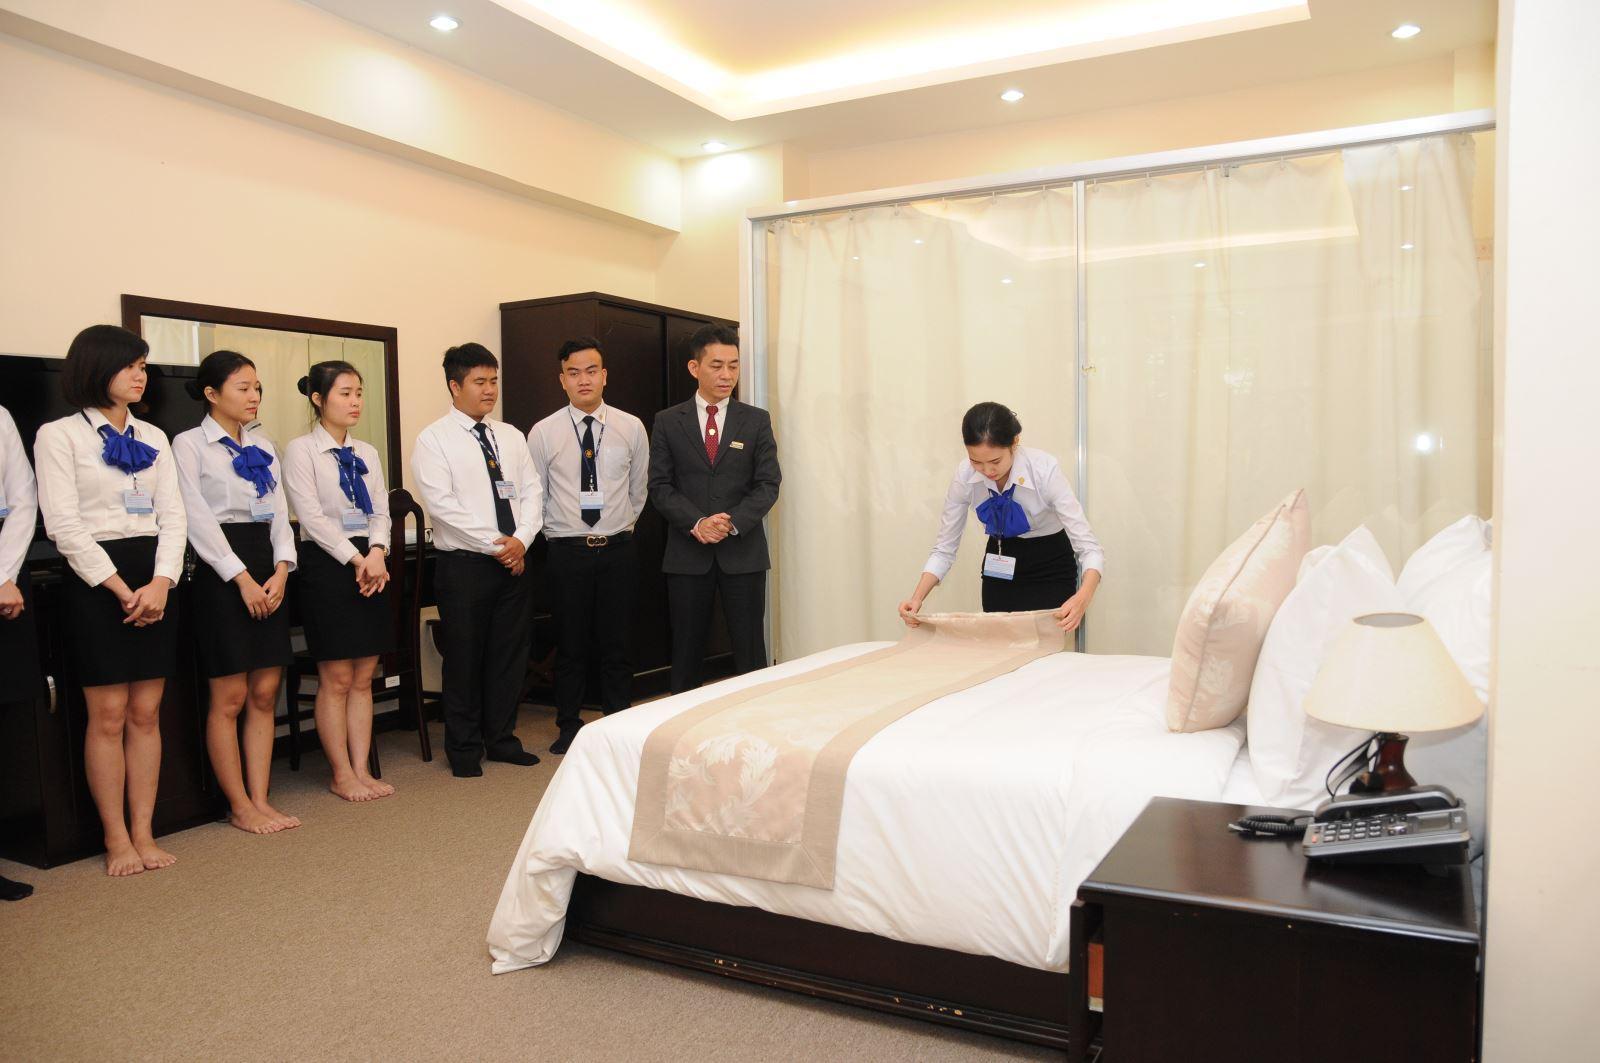 Bộ phận buồng phòng trong khách sạn 3 sao